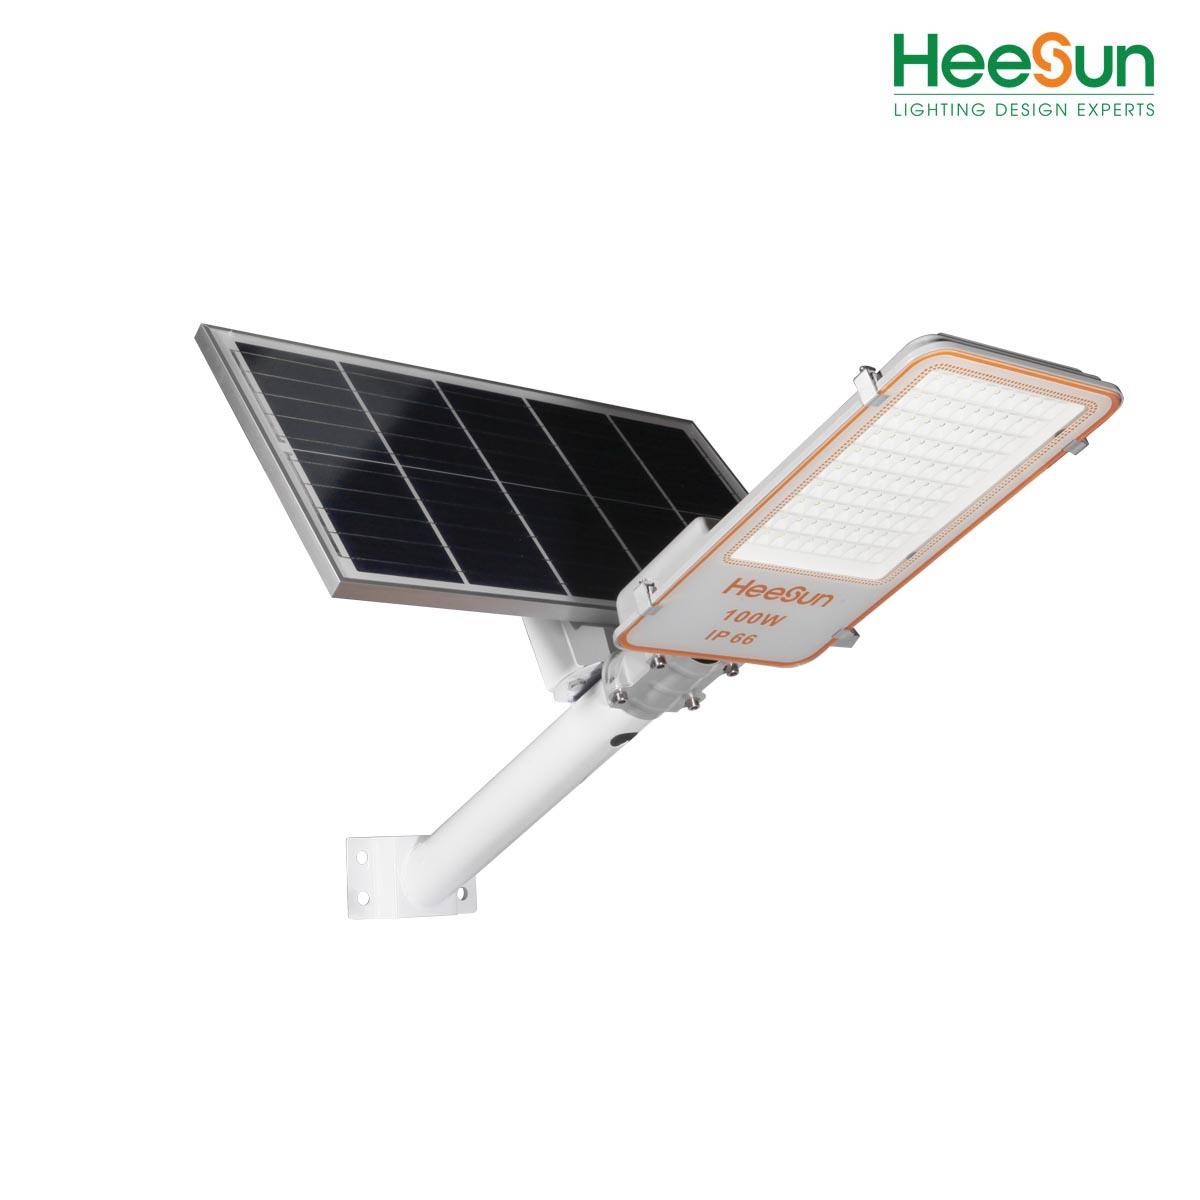 Đèn đường năng lượng mặt trời HS-DNL100 - HEESUN VIỆT NAM